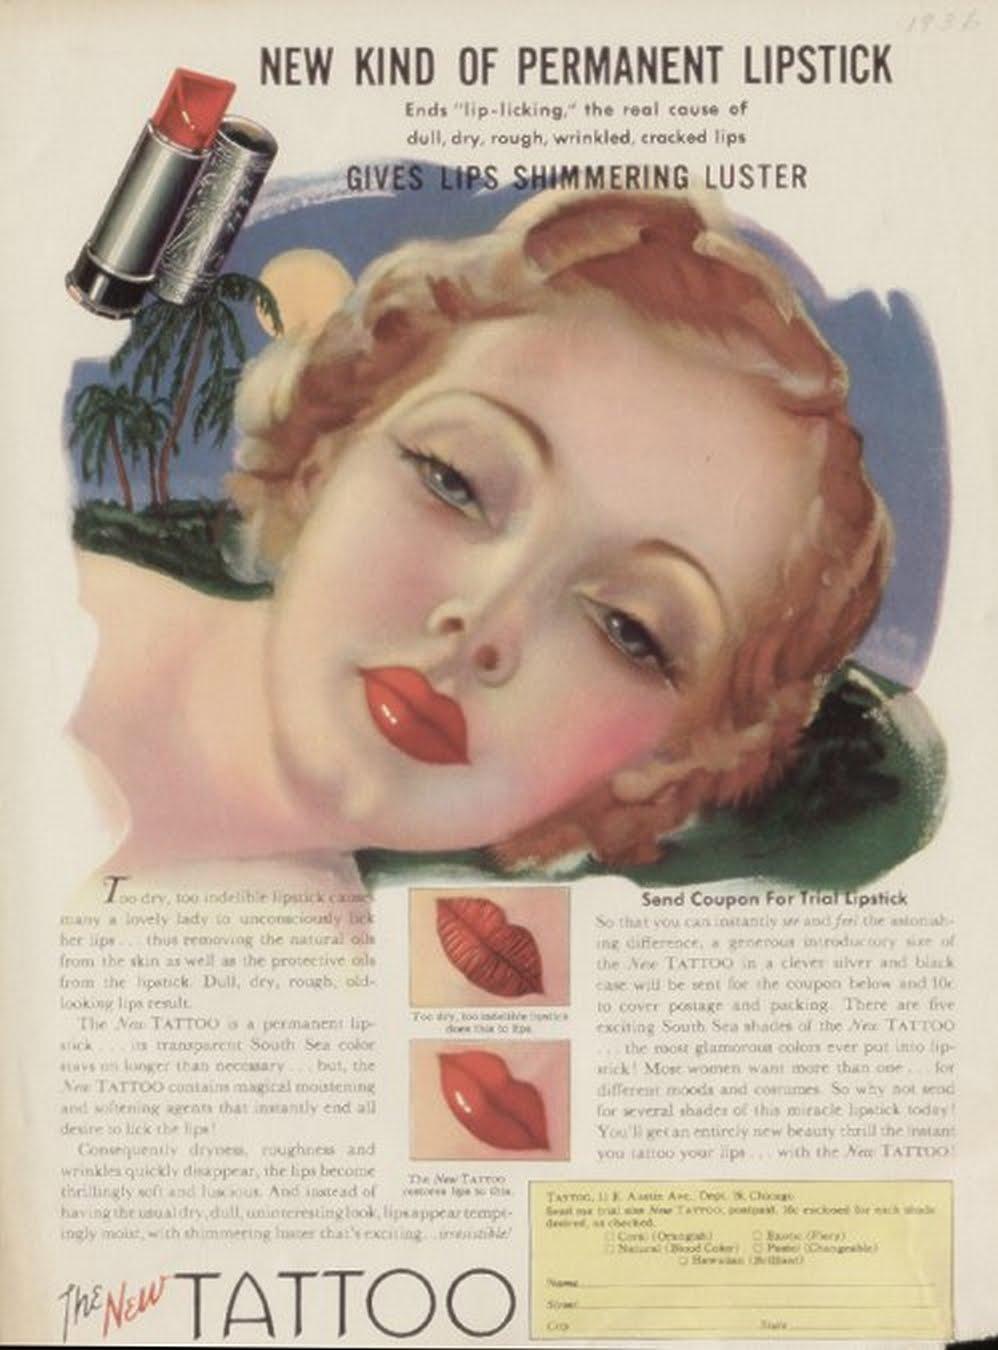 1920s Makeup Ads Dress Images - 1920s-makeup-ads